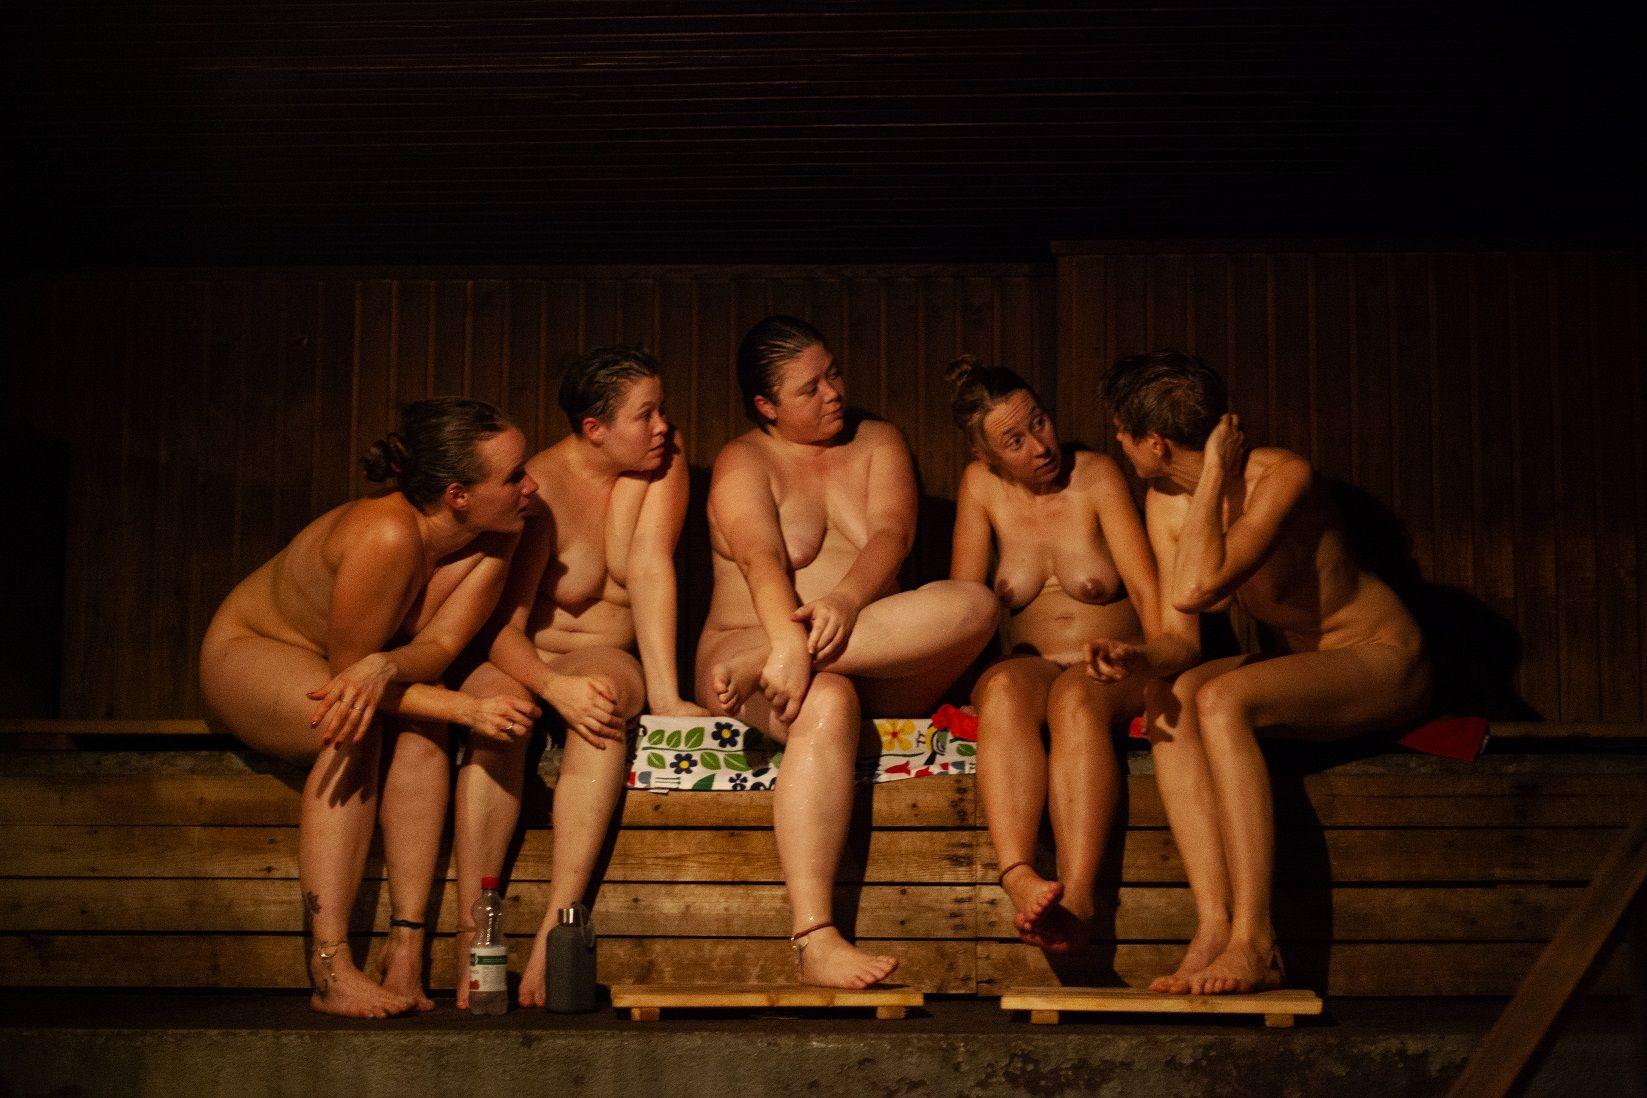 Mujeres en la sauna finlandesa